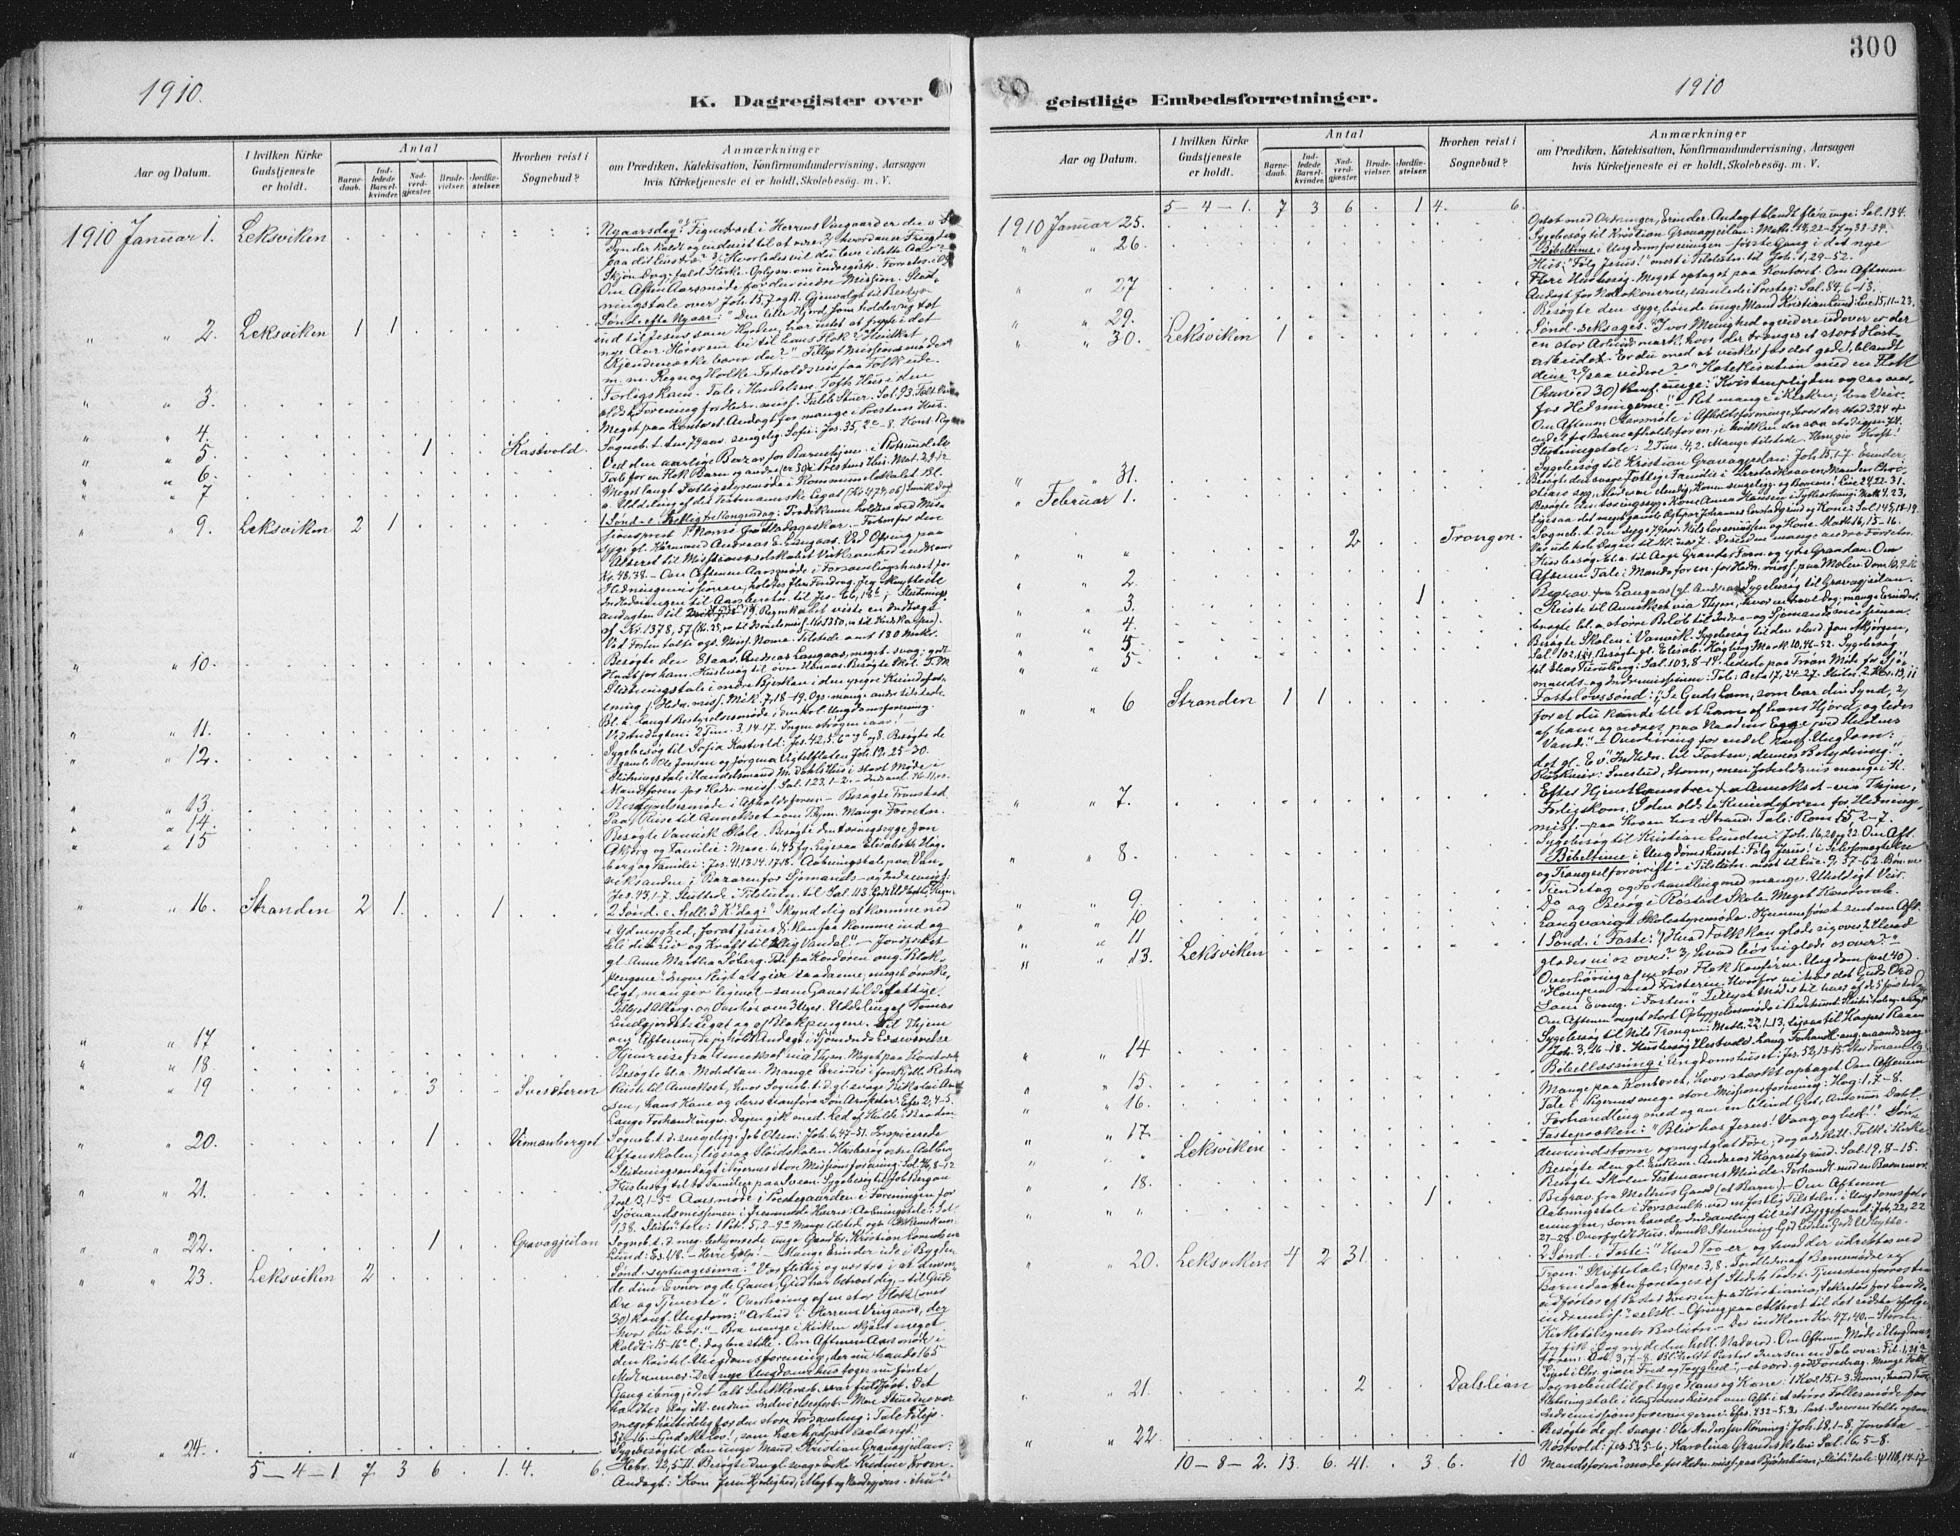 SAT, Ministerialprotokoller, klokkerbøker og fødselsregistre - Nord-Trøndelag, 701/L0011: Ministerialbok nr. 701A11, 1899-1915, s. 300